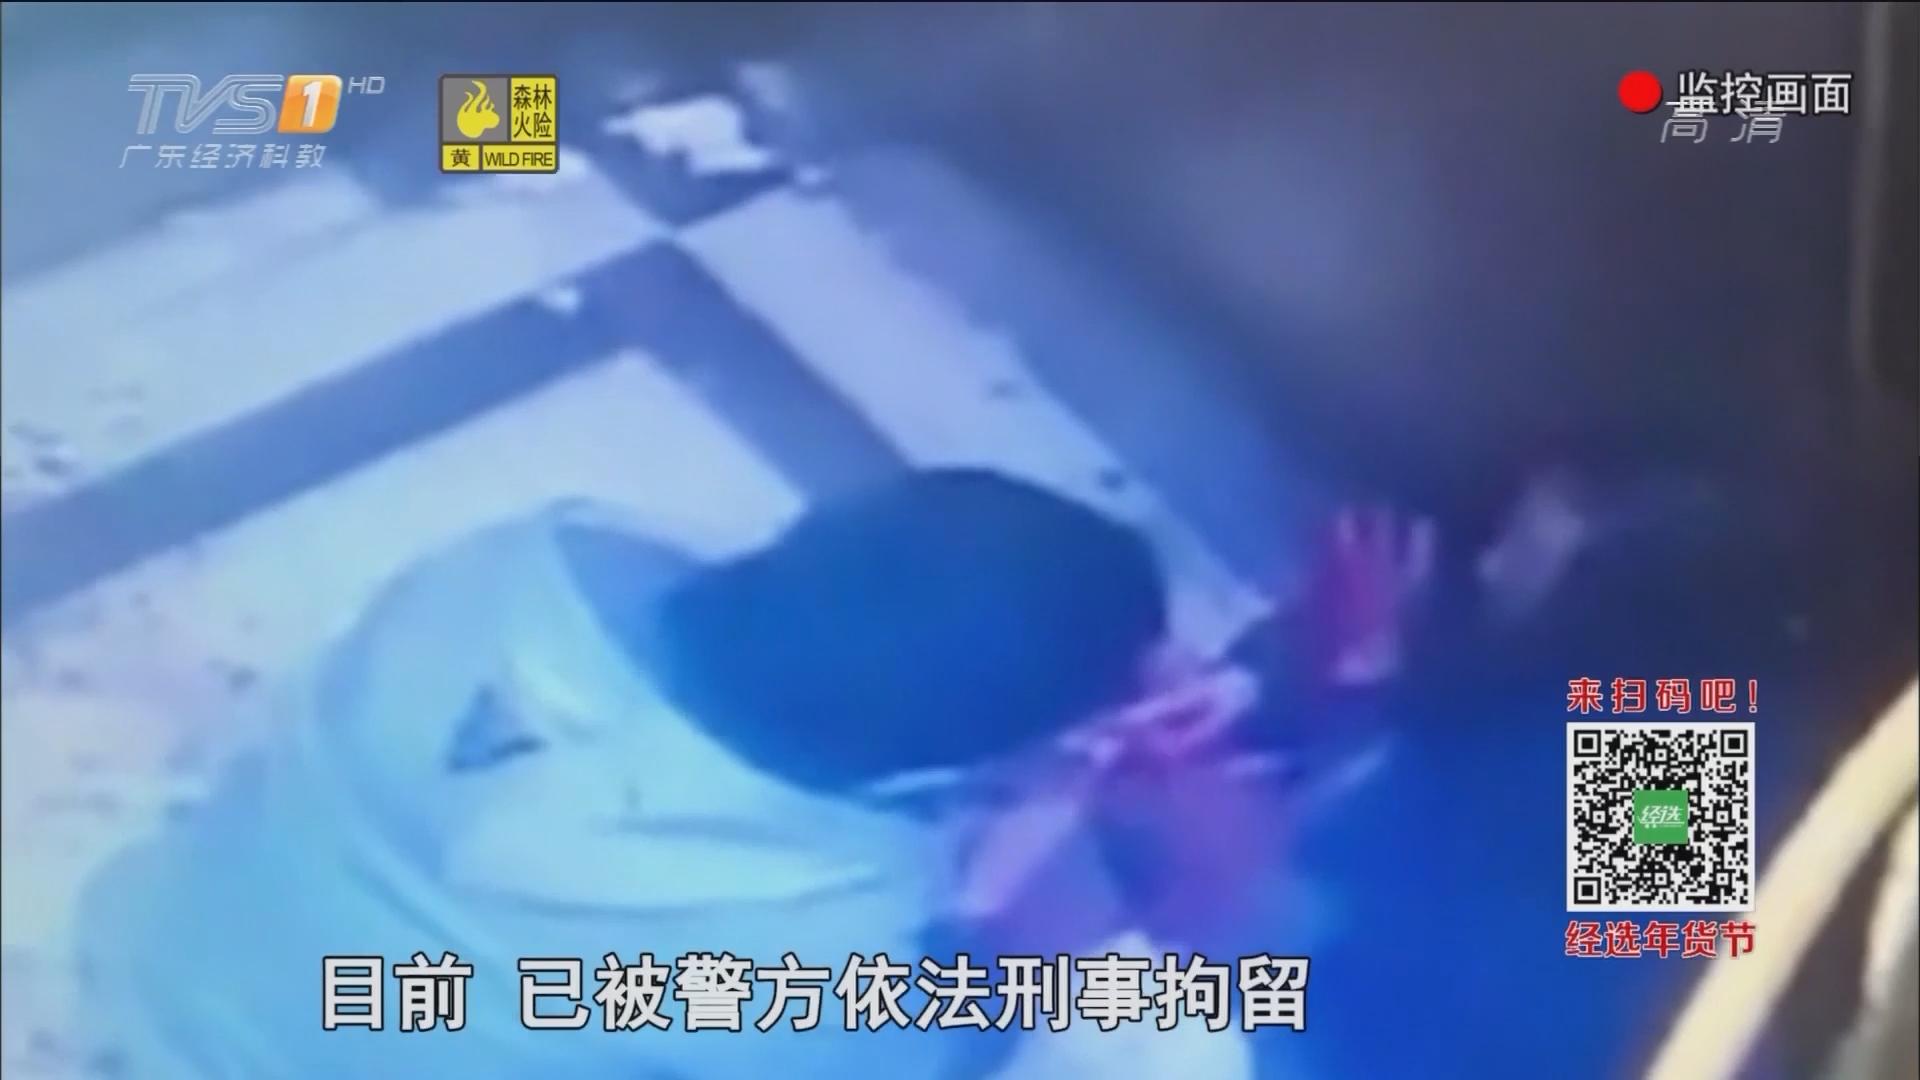 深圳:女子凌晨回家遭跟踪 电梯里被砍20余刀